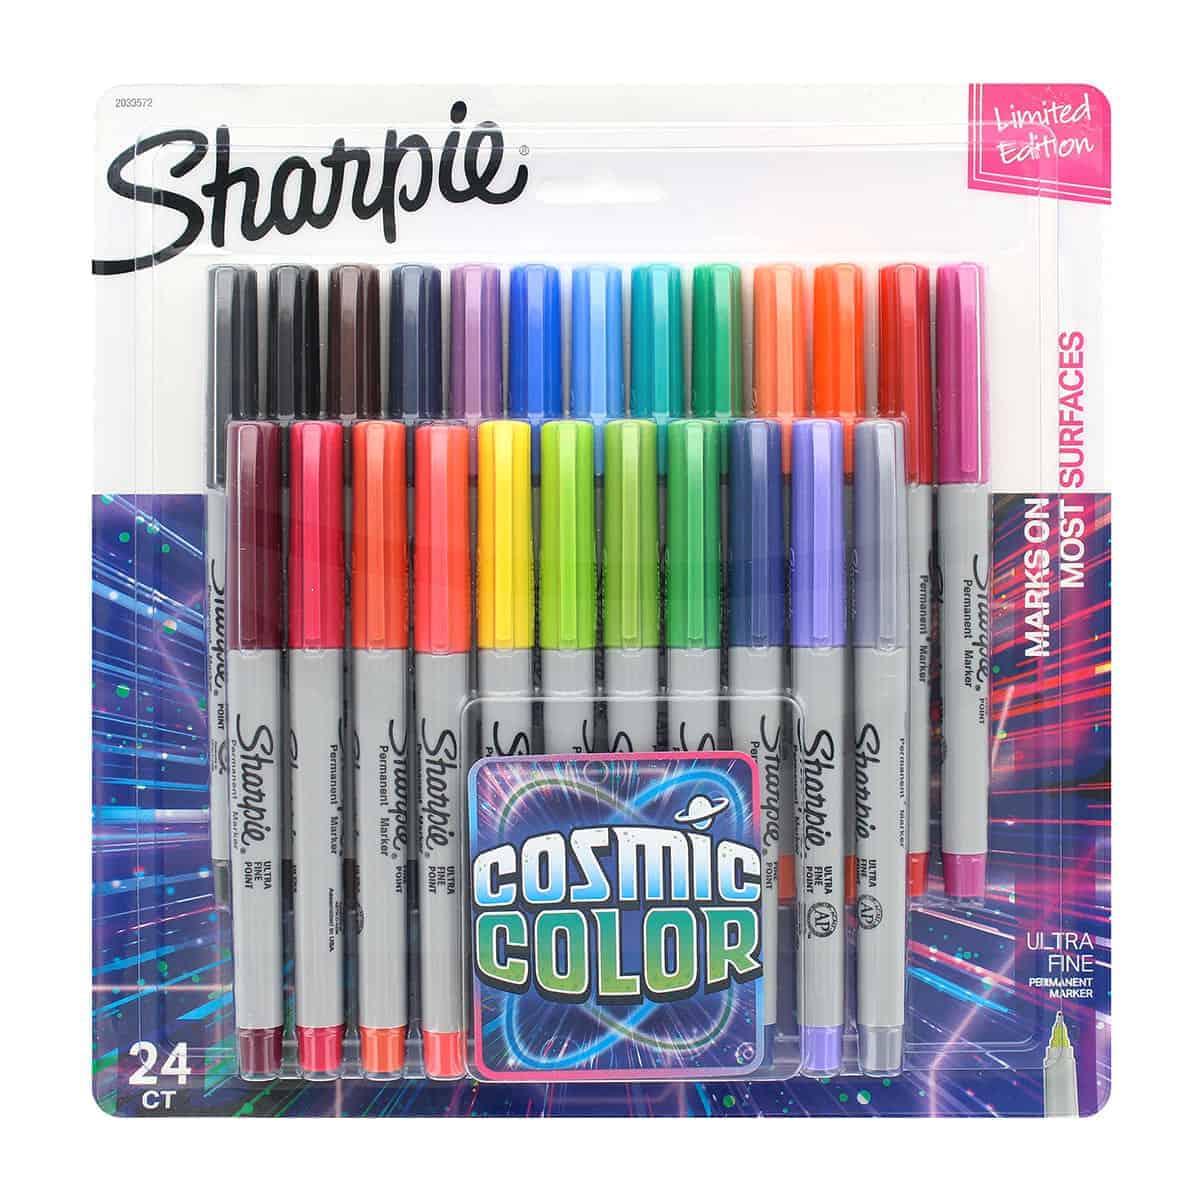 Sharpie Cosmic Color, 24 Marcadores Permanentes Punta Ultra Fina